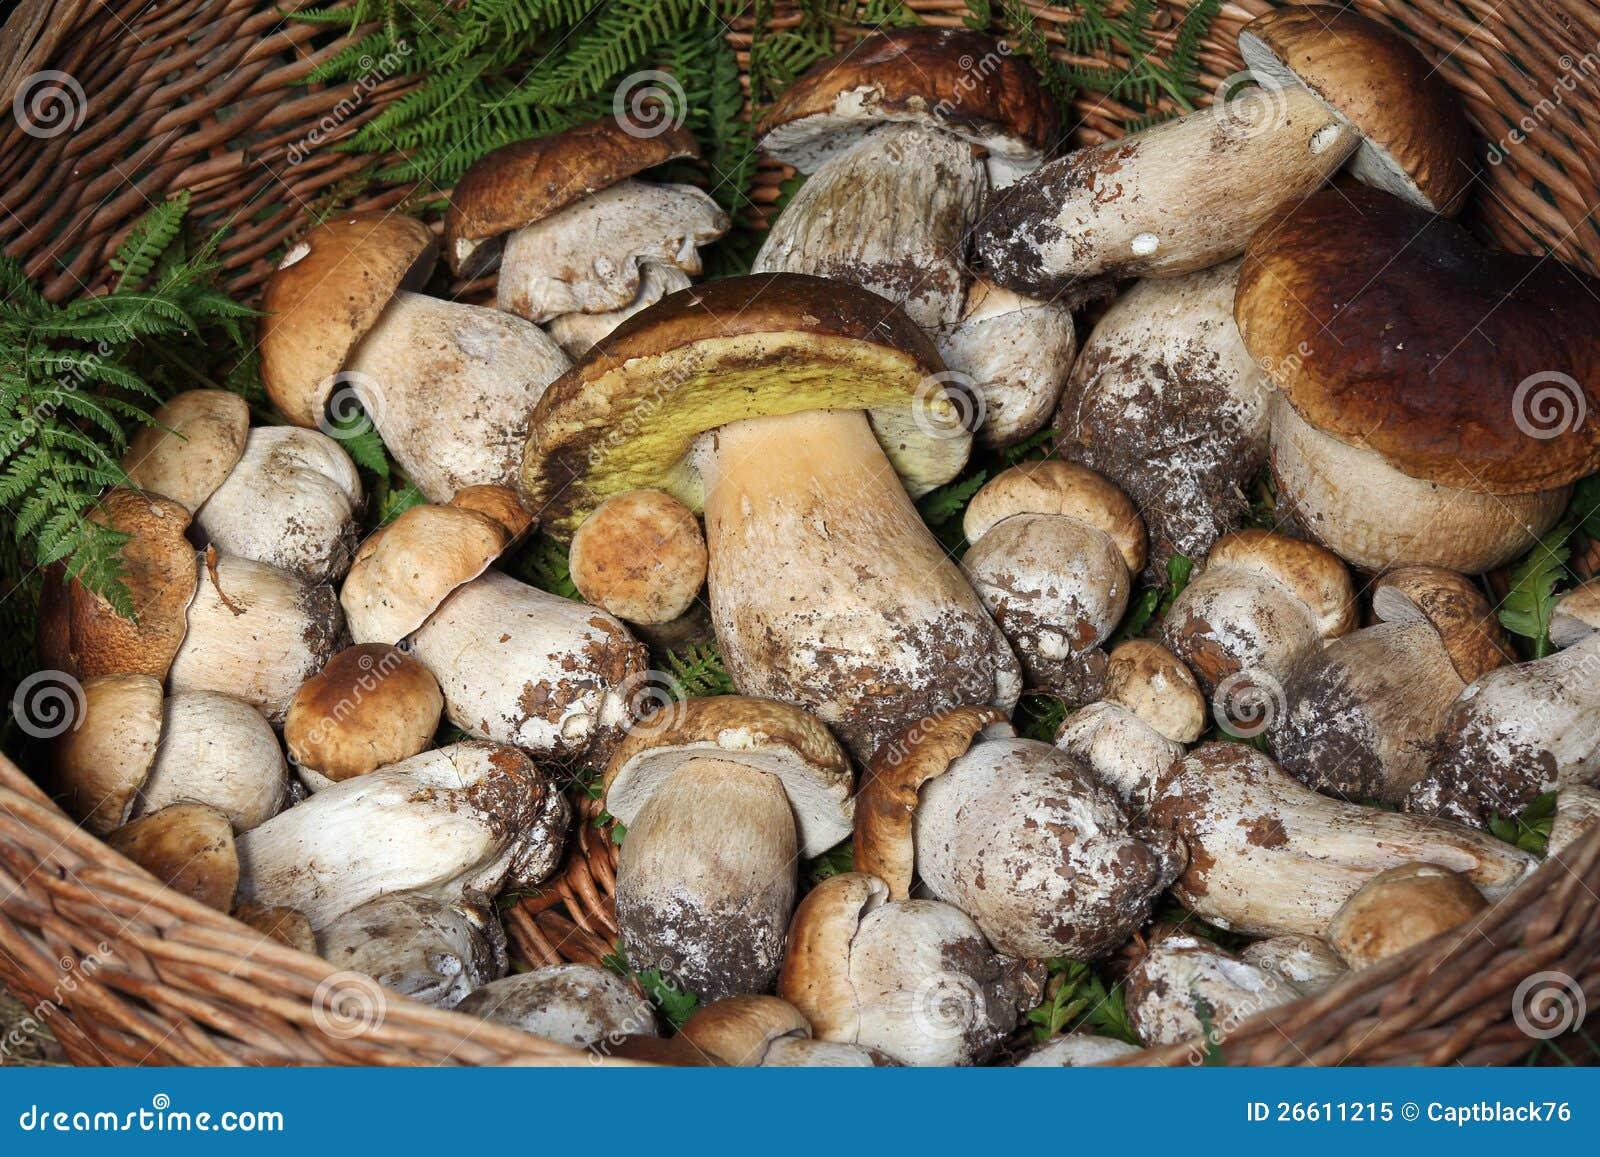 Che cosa stai pensando adesso n° 3 - Pagina 6 Cestino-di-vimini-pieno-dei-funghi-26611215